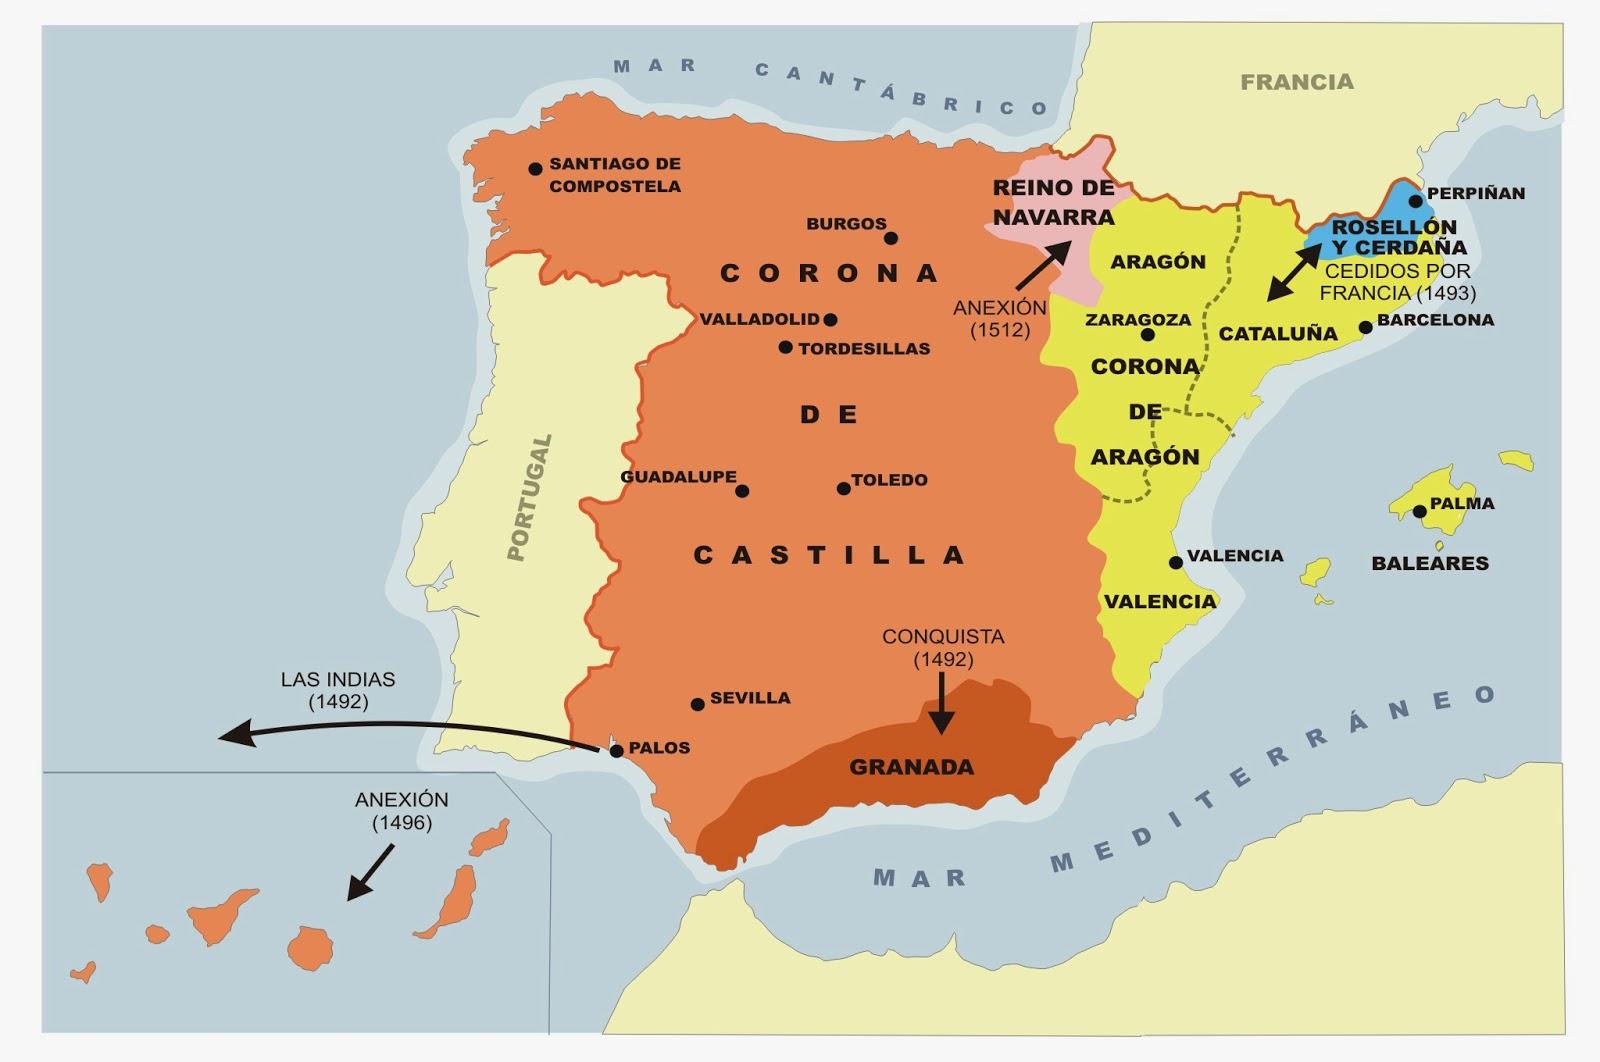 mapa de la corona de castilla y aragon